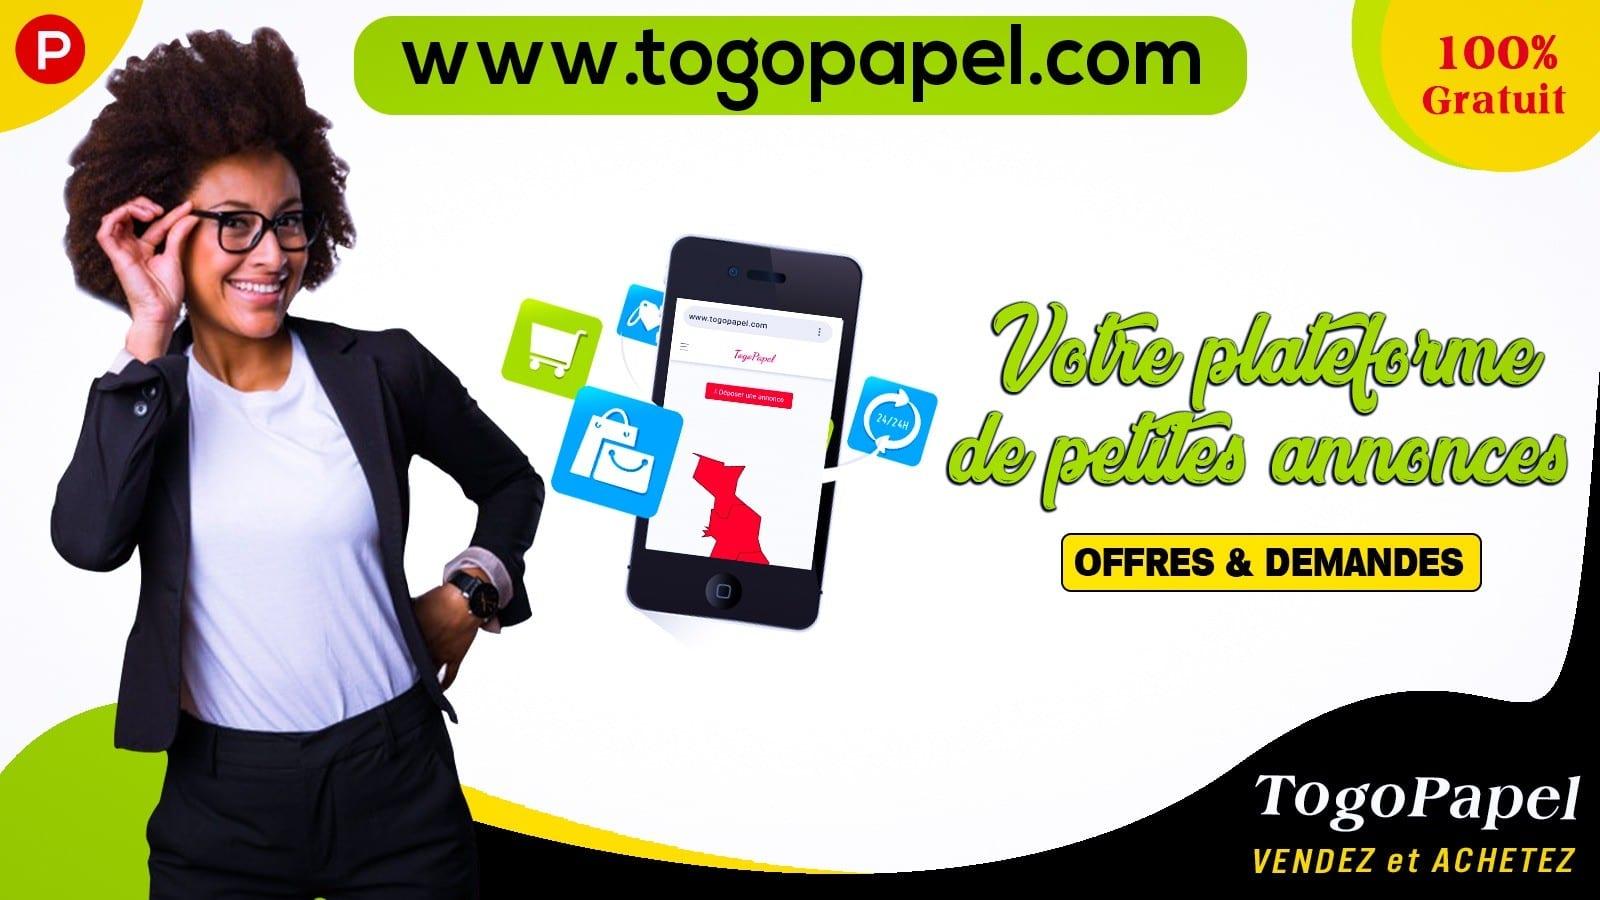 Togopapel.com, une plateforme de vente et d'annonces gratuites